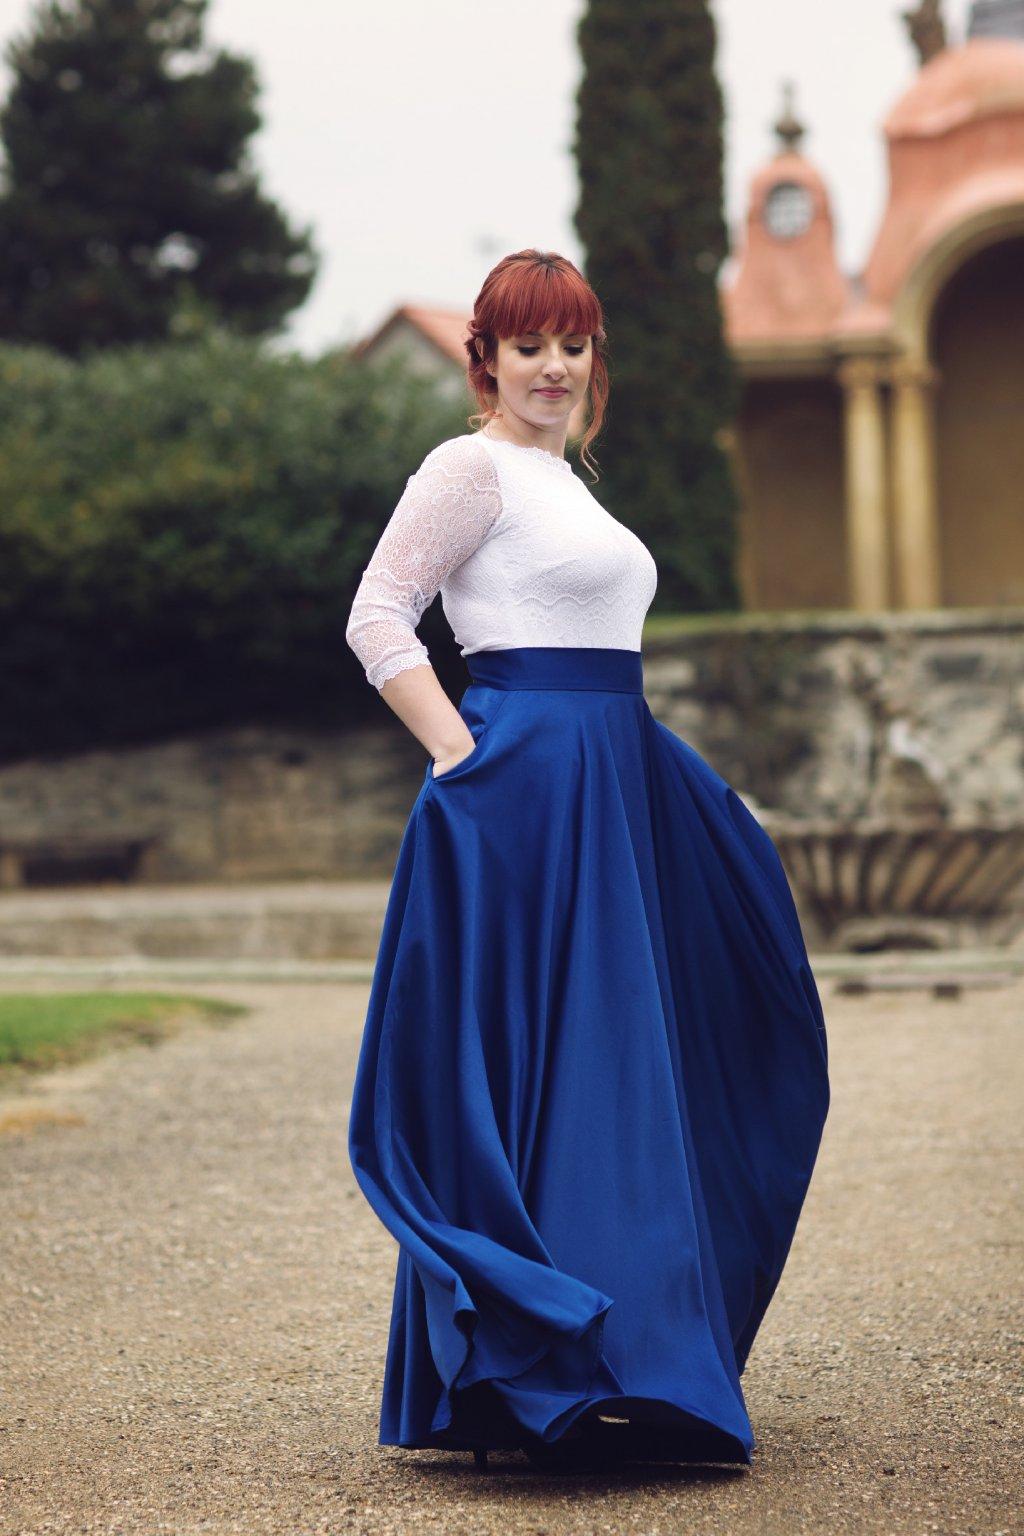 Saténová dlouhá sukně Rosie královská modrá 1